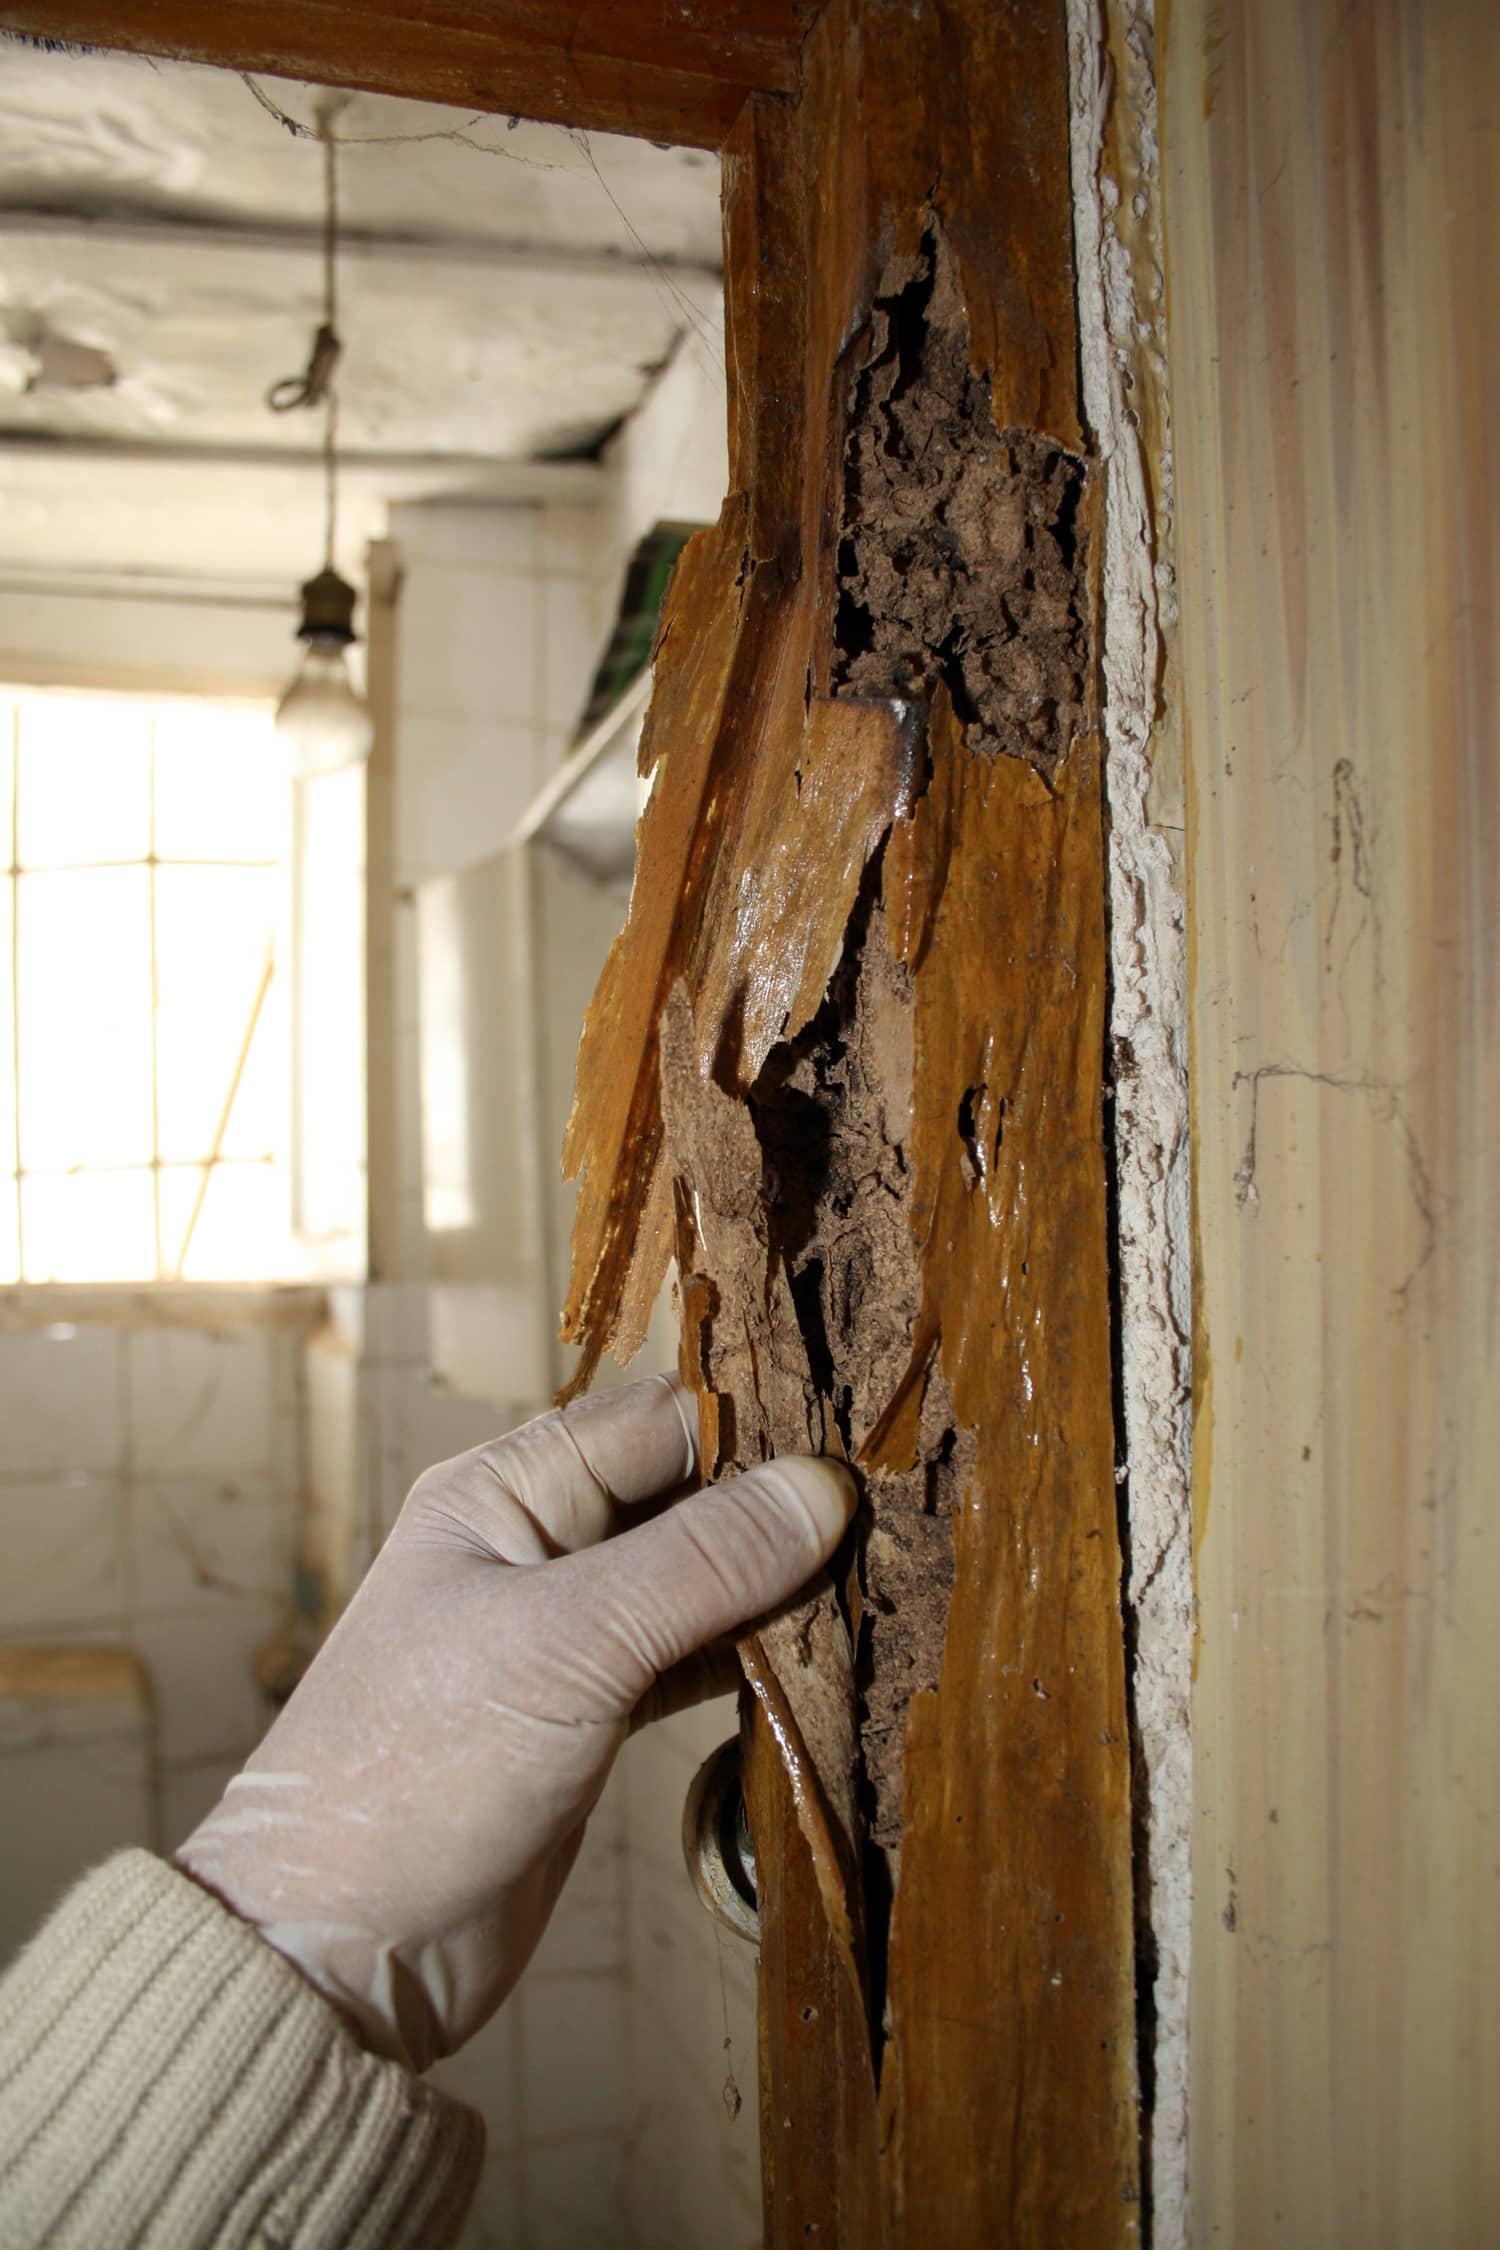 Qué esperar durante una inspección de termitas